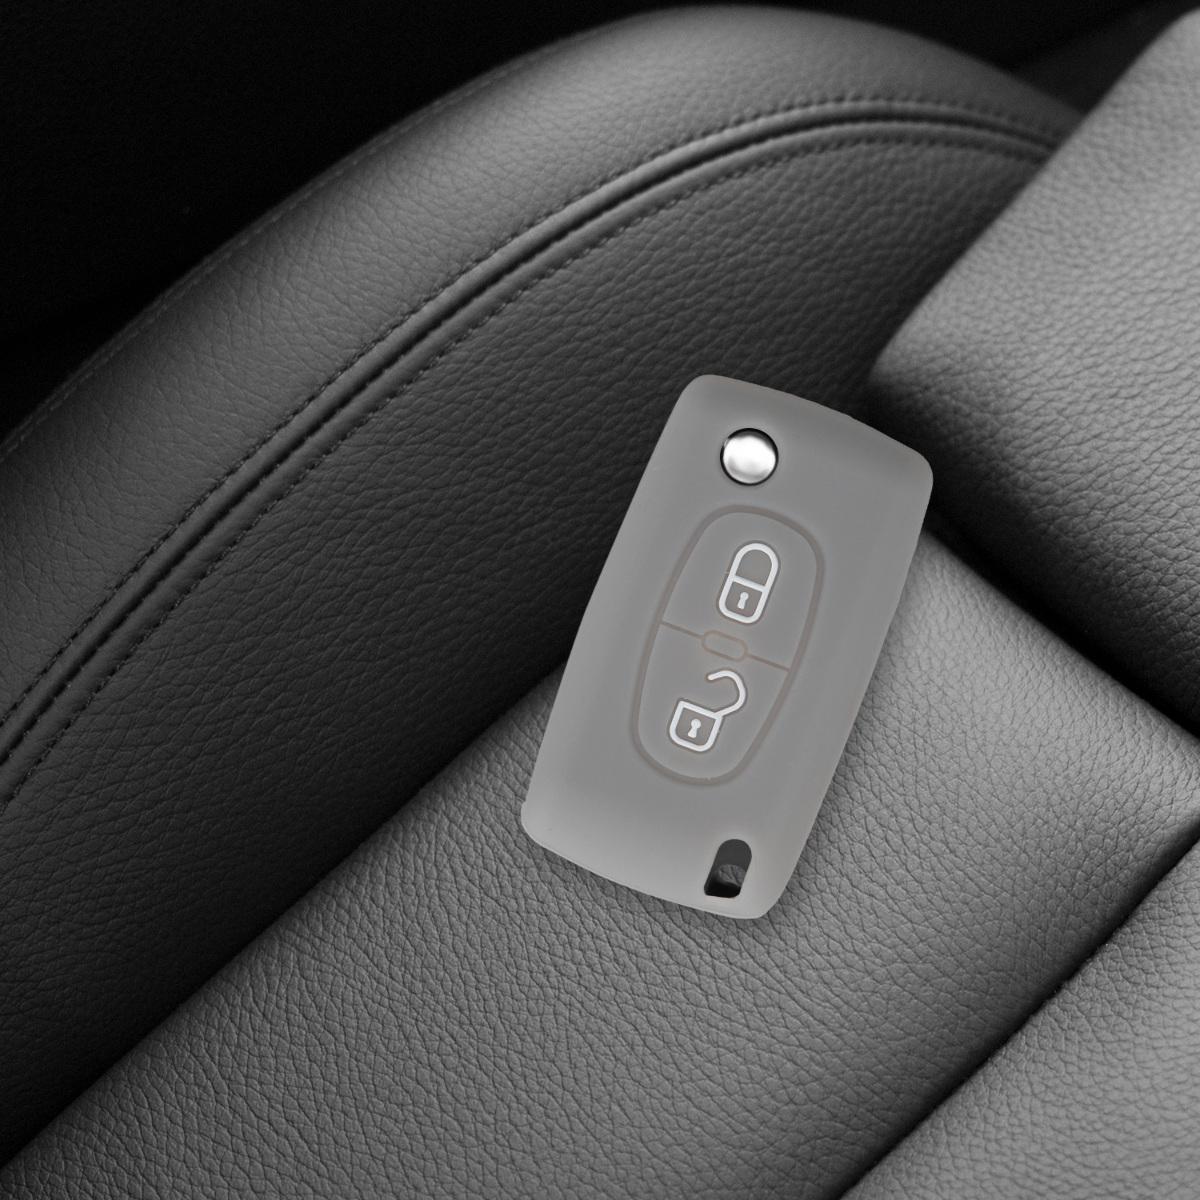 - Case de Mando de Auto con dise/ño de Rally kwmobile Funda para Llave Plegable de 3 Botones para Coche Peugeot Citroen Silicona de Suave Carcasa Protectora